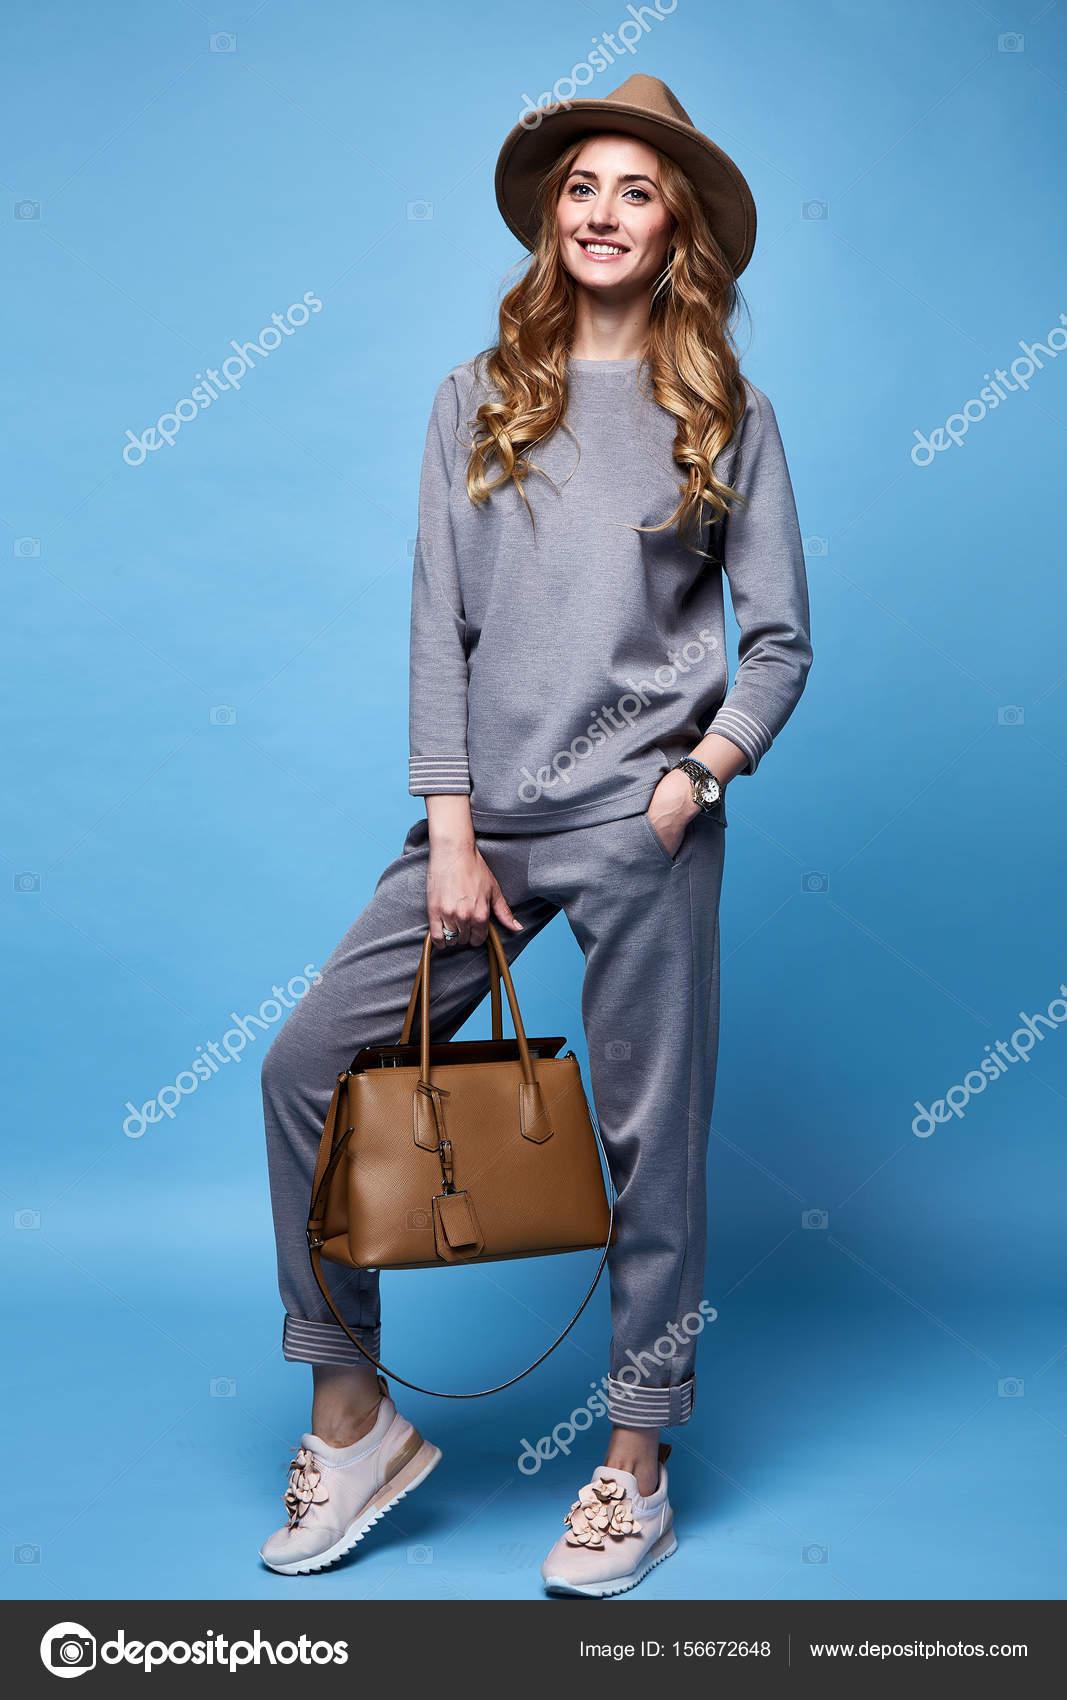 b3bf019ffb28 Ropa informal mujer | Estilo de moda sexy glamour de hermosa mujer ...